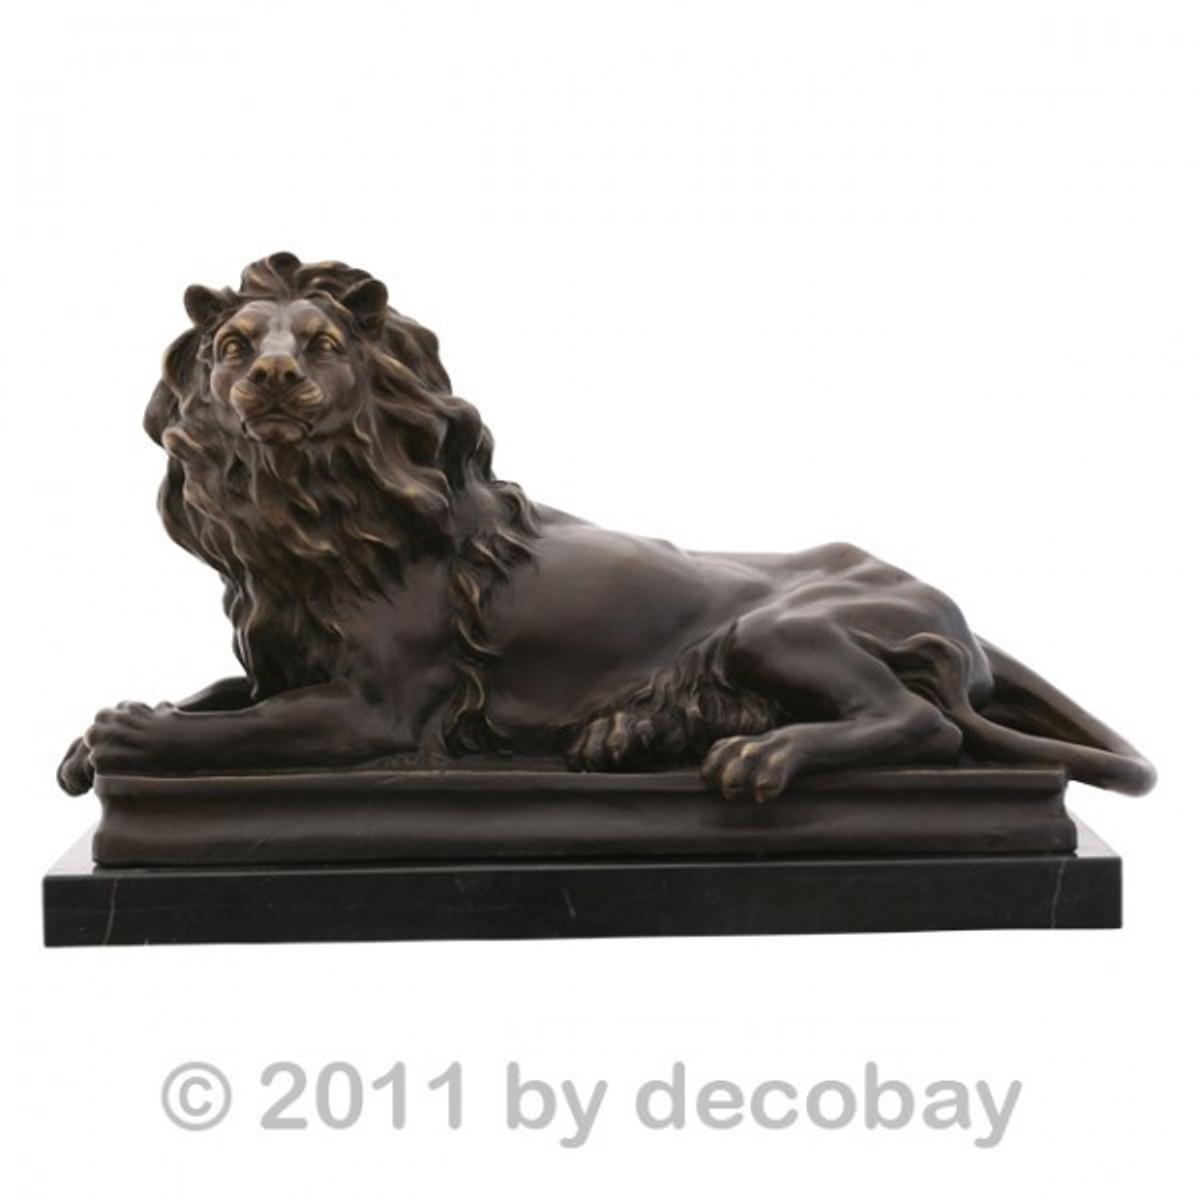 Gartenfigur Löwe Wächter Löwe Monumental Löwen Skulptur aus Bronze in königlicher Pose auf elegantem Marmor Sockel.